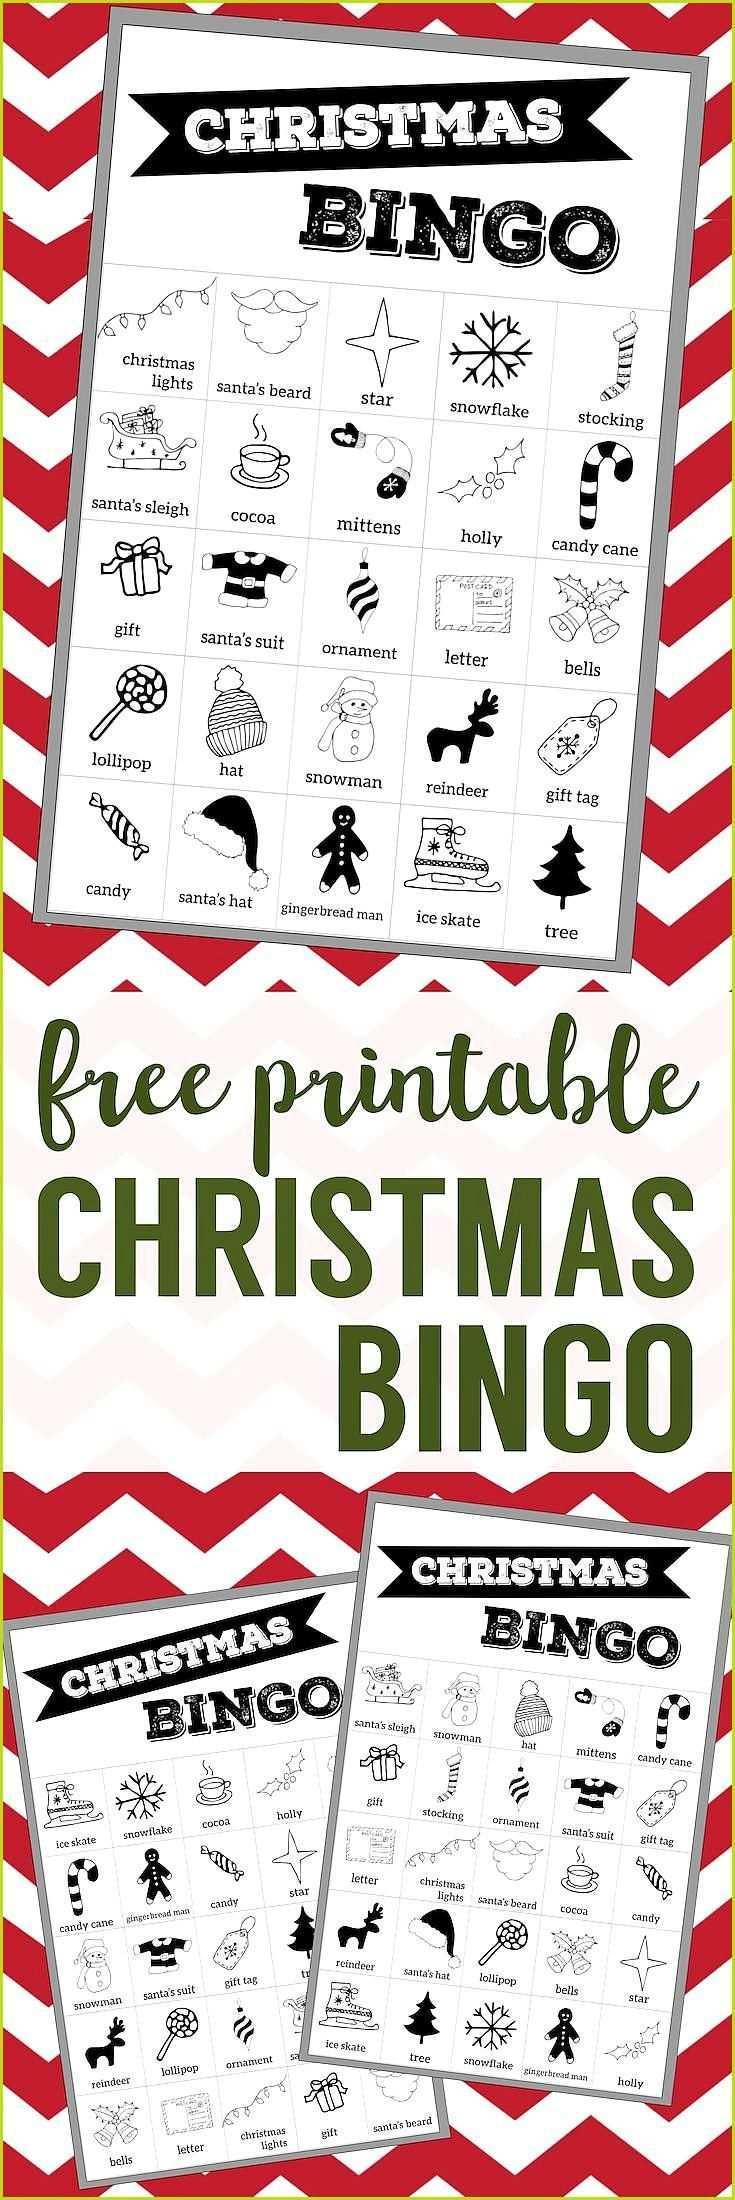 Kostenlose Weihnachts Bingo Karten Zum Ausdrucken Paper Trail Design Weihnachtsbingo Weihnachtsfeier In Der Schule Weihnachtskarten Zum Ausdrucken